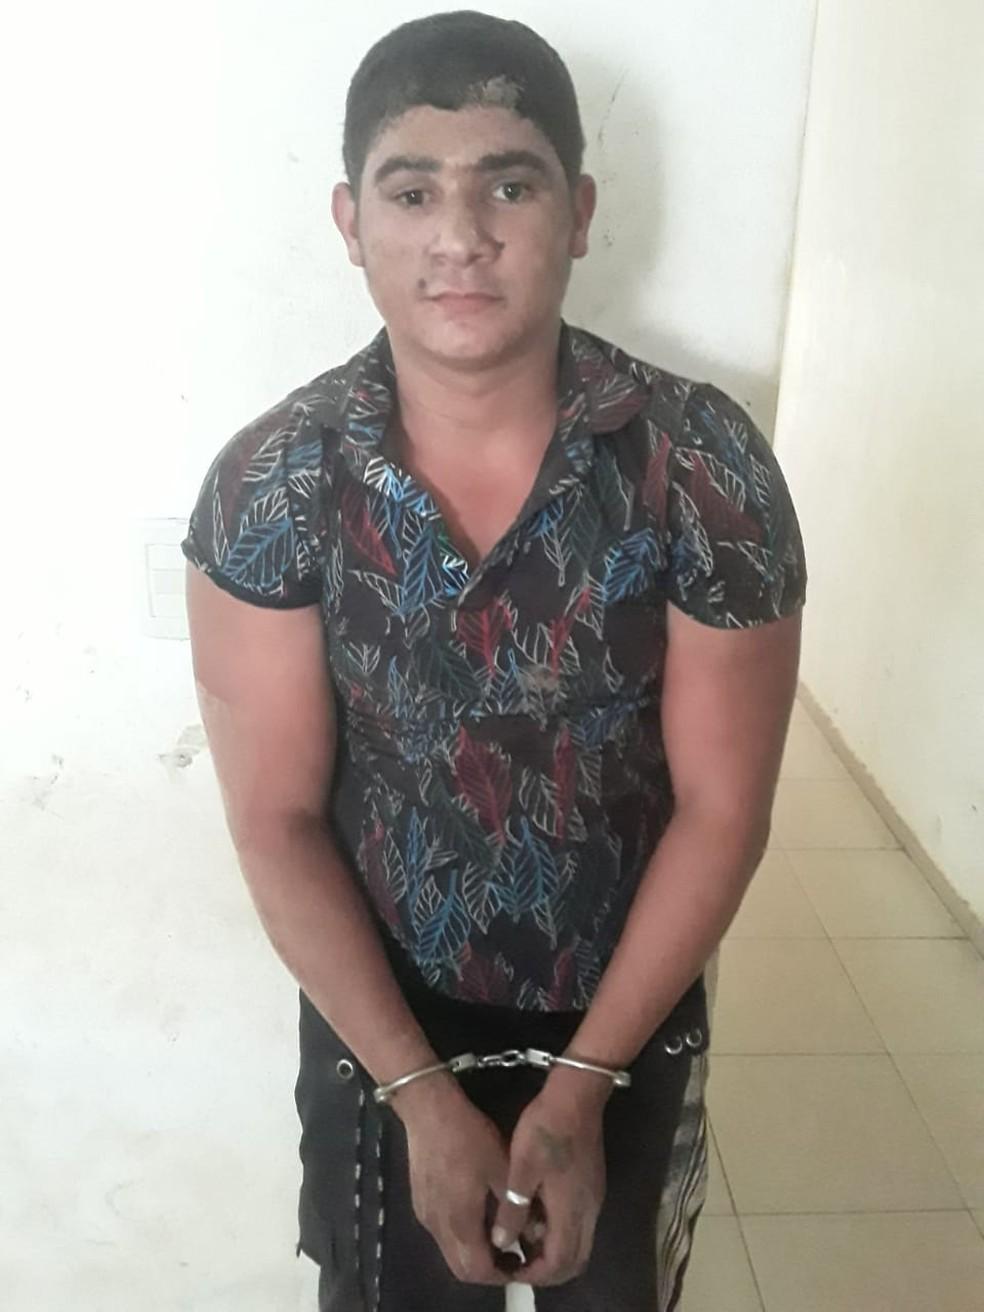 Danrley Viana Silva foi preso próximo à BR-222 conduzindo uma bicicleta na tentativa de fugir da cidade — Foto: Divulgação/Polícia